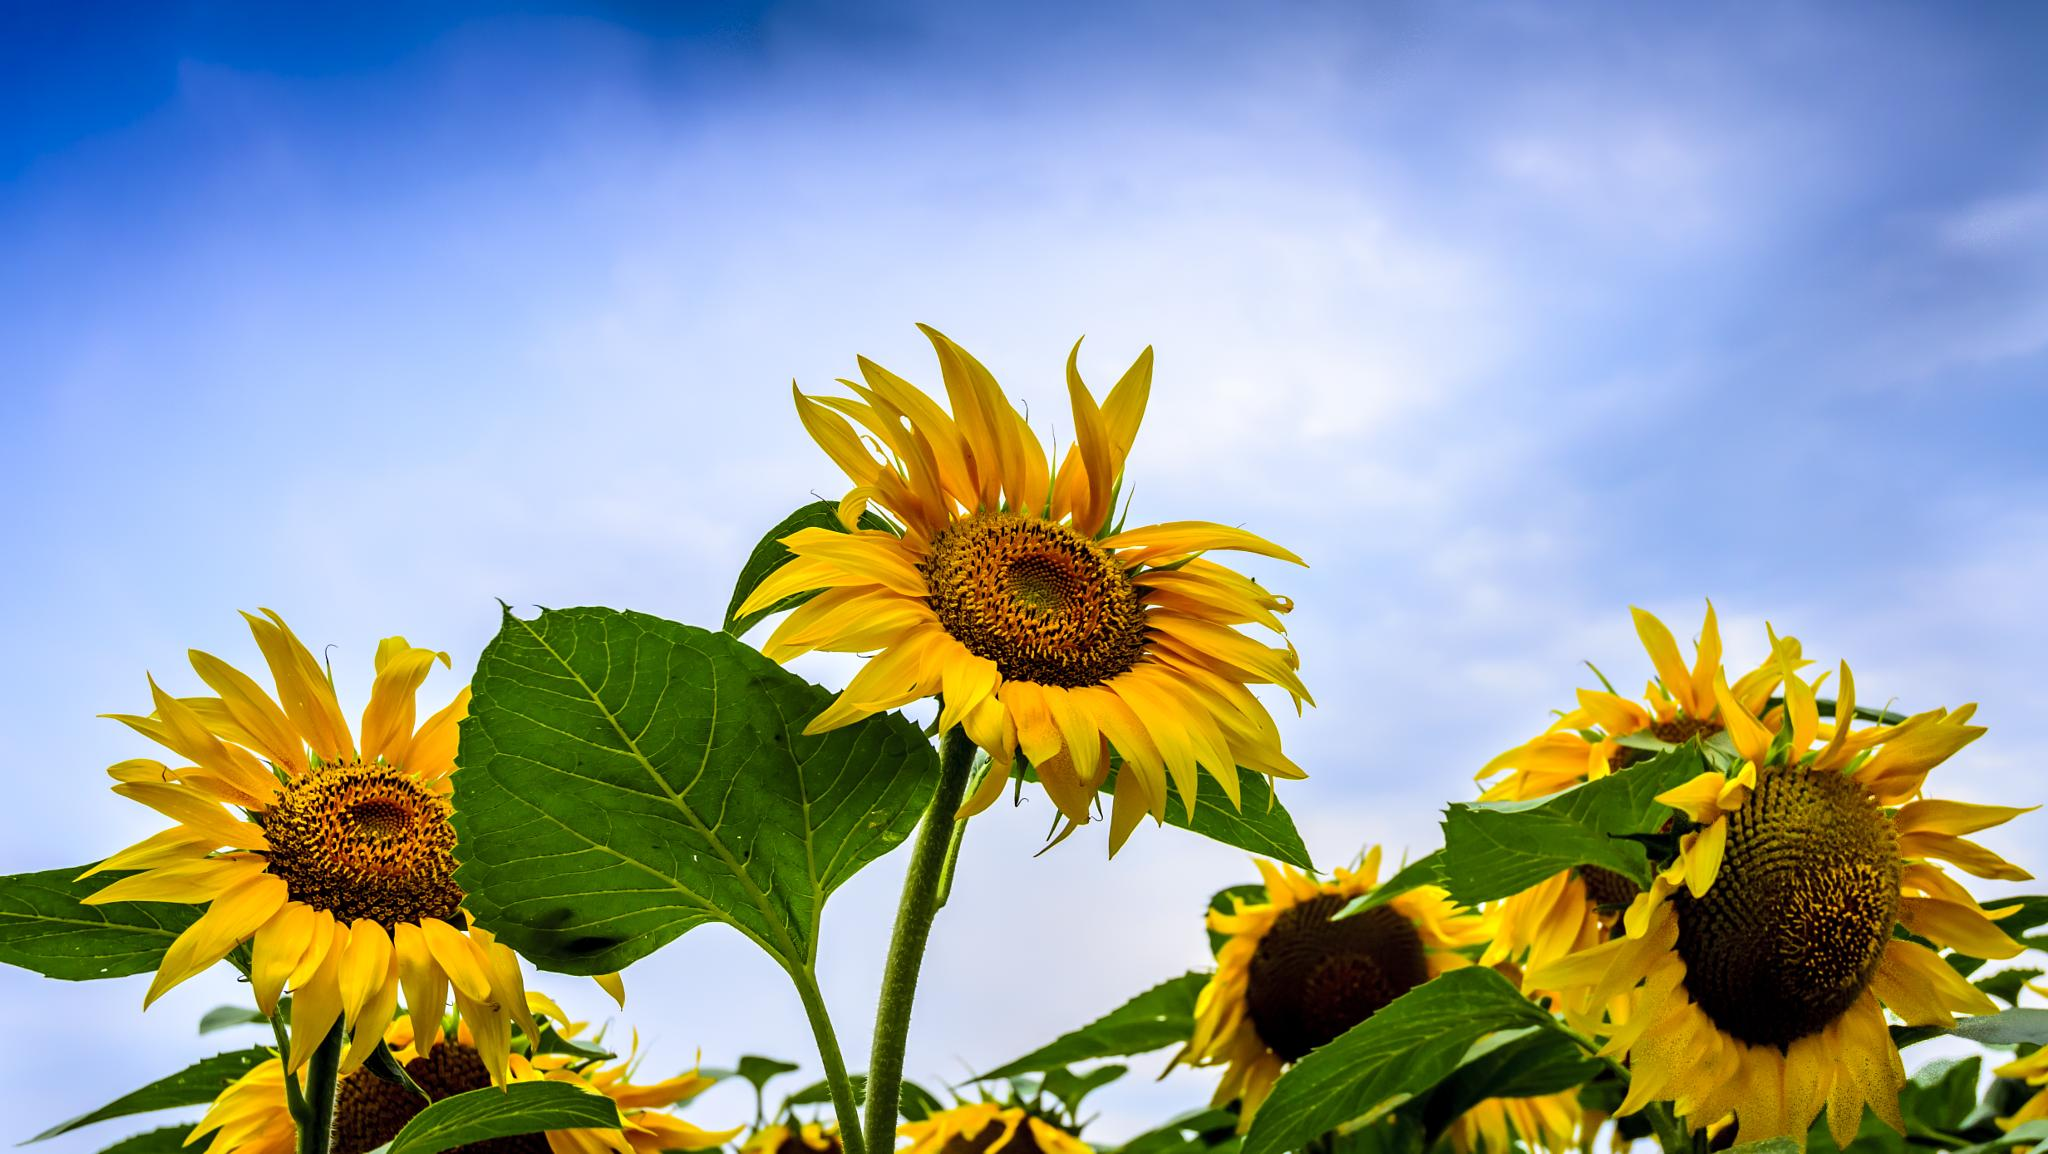 Sunny by nedelciu.alexandru.1